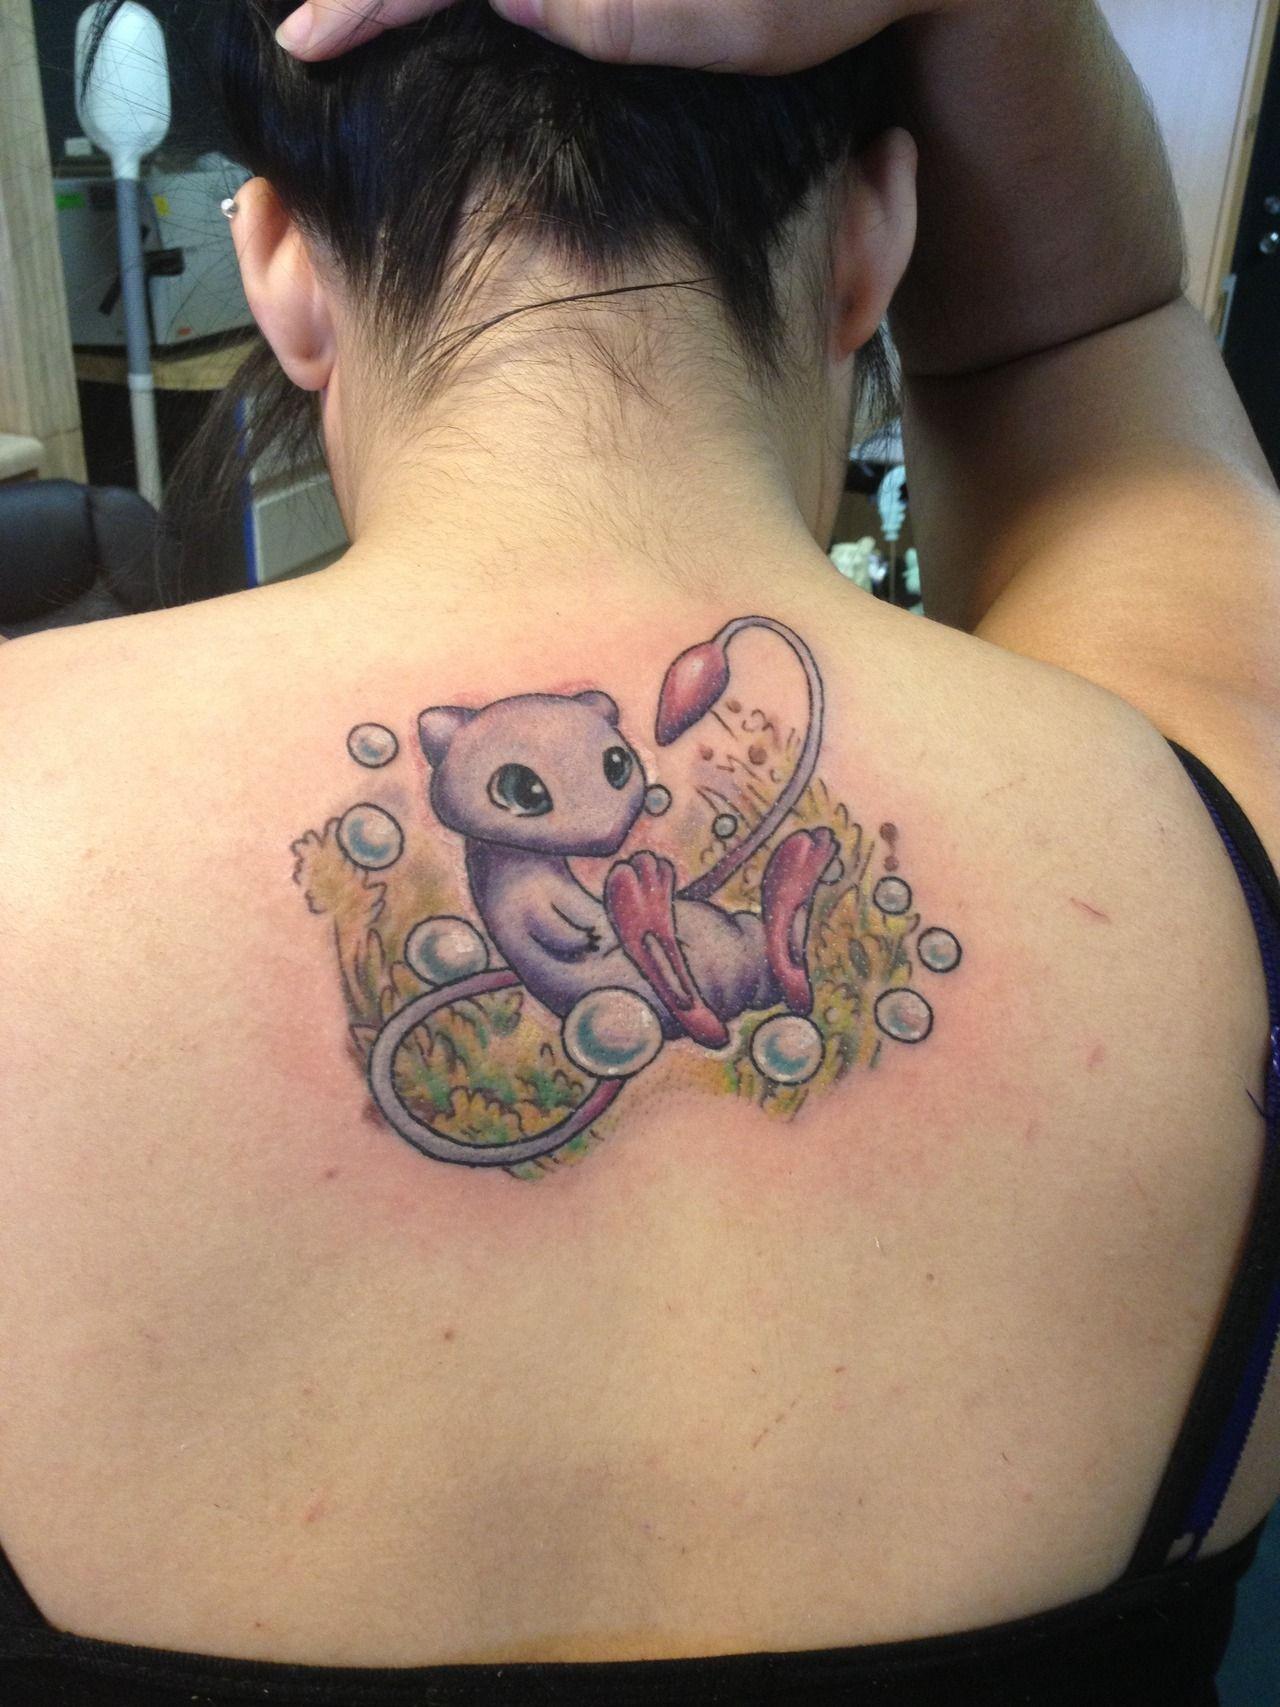 Mew! Pokemon tattoo! :D